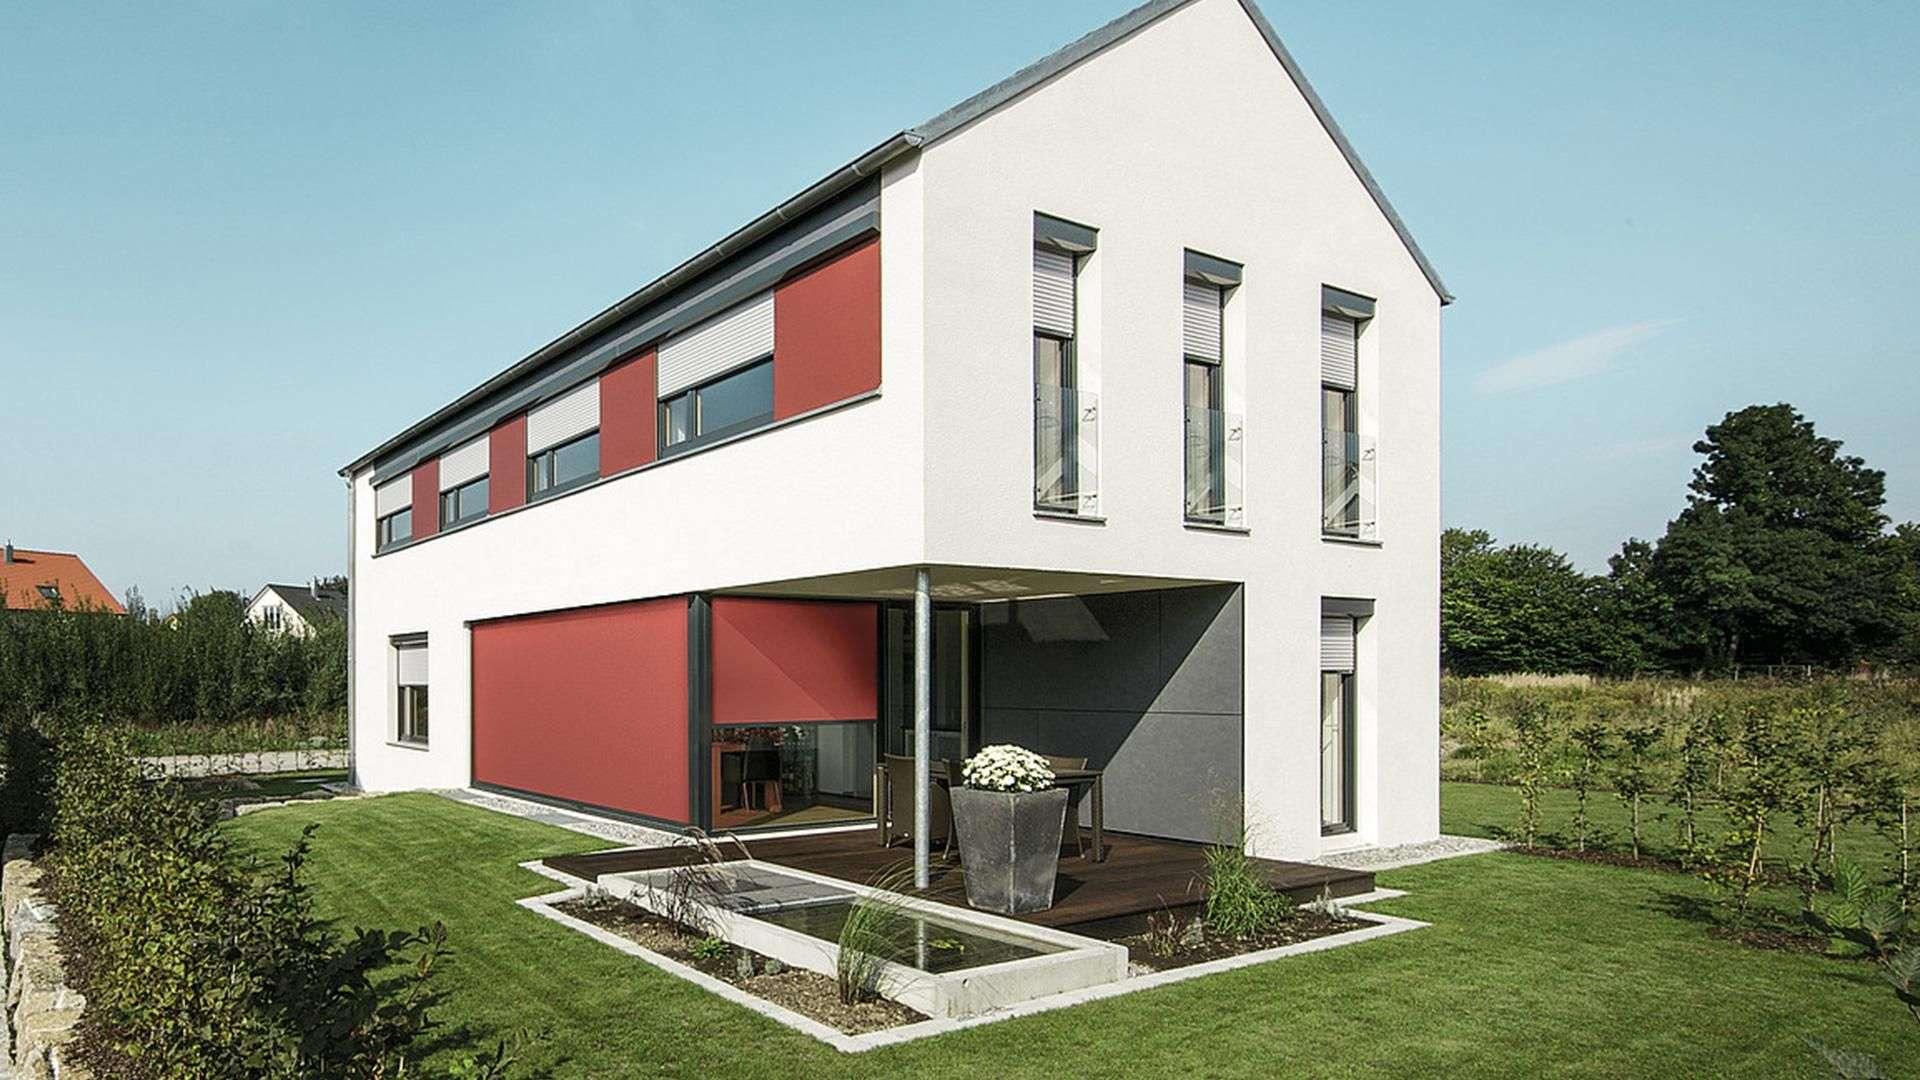 rot-weißes Wohnhaus mit großen Fenster mit Rollläden und großem Garten